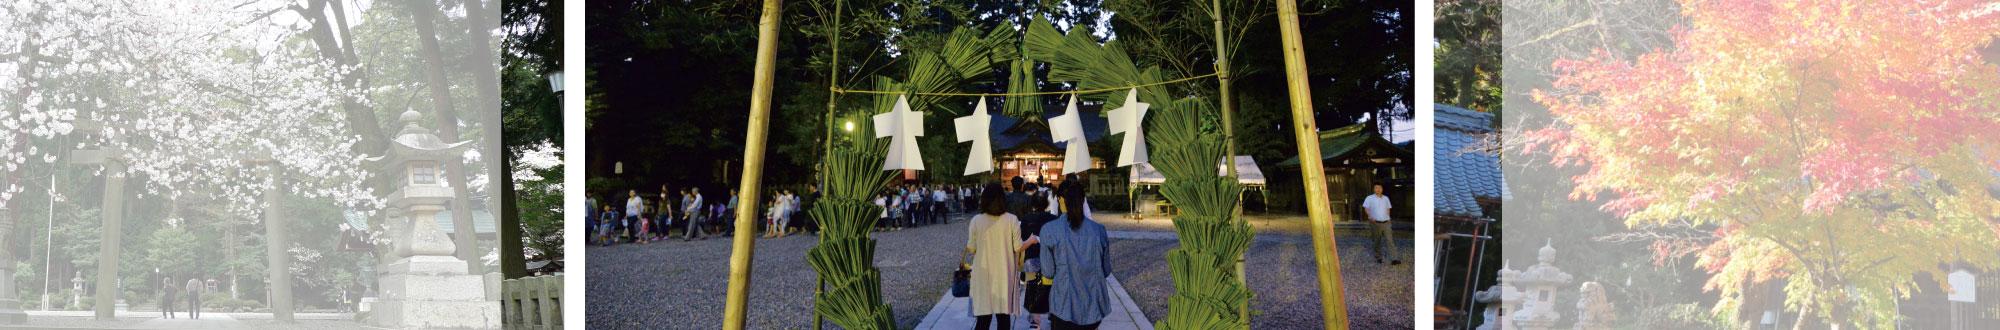 イメージ画像2:剣神社